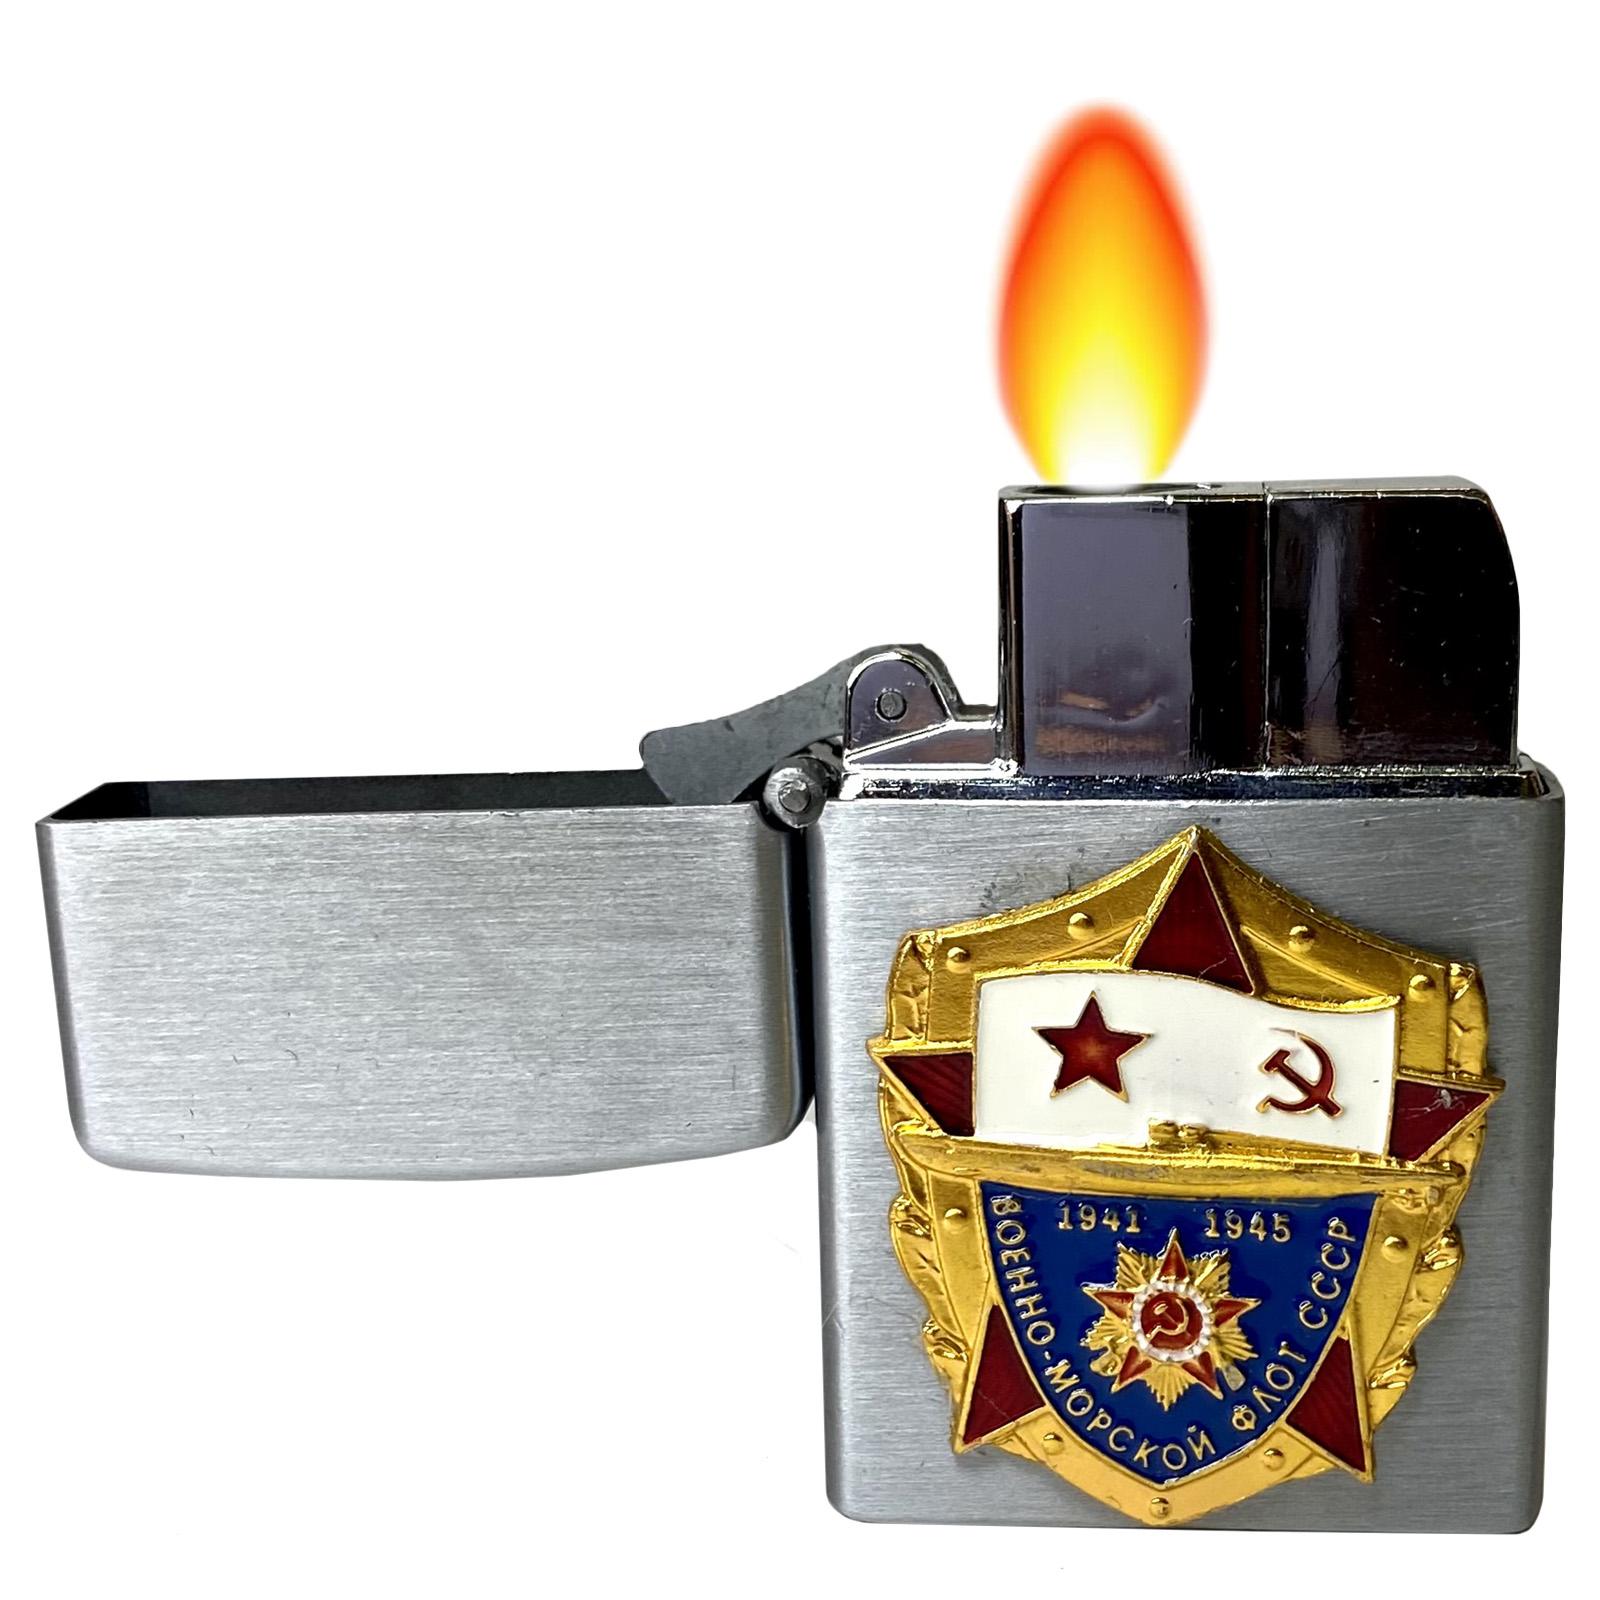 Заказать зажигалку ВМФ с доставкой